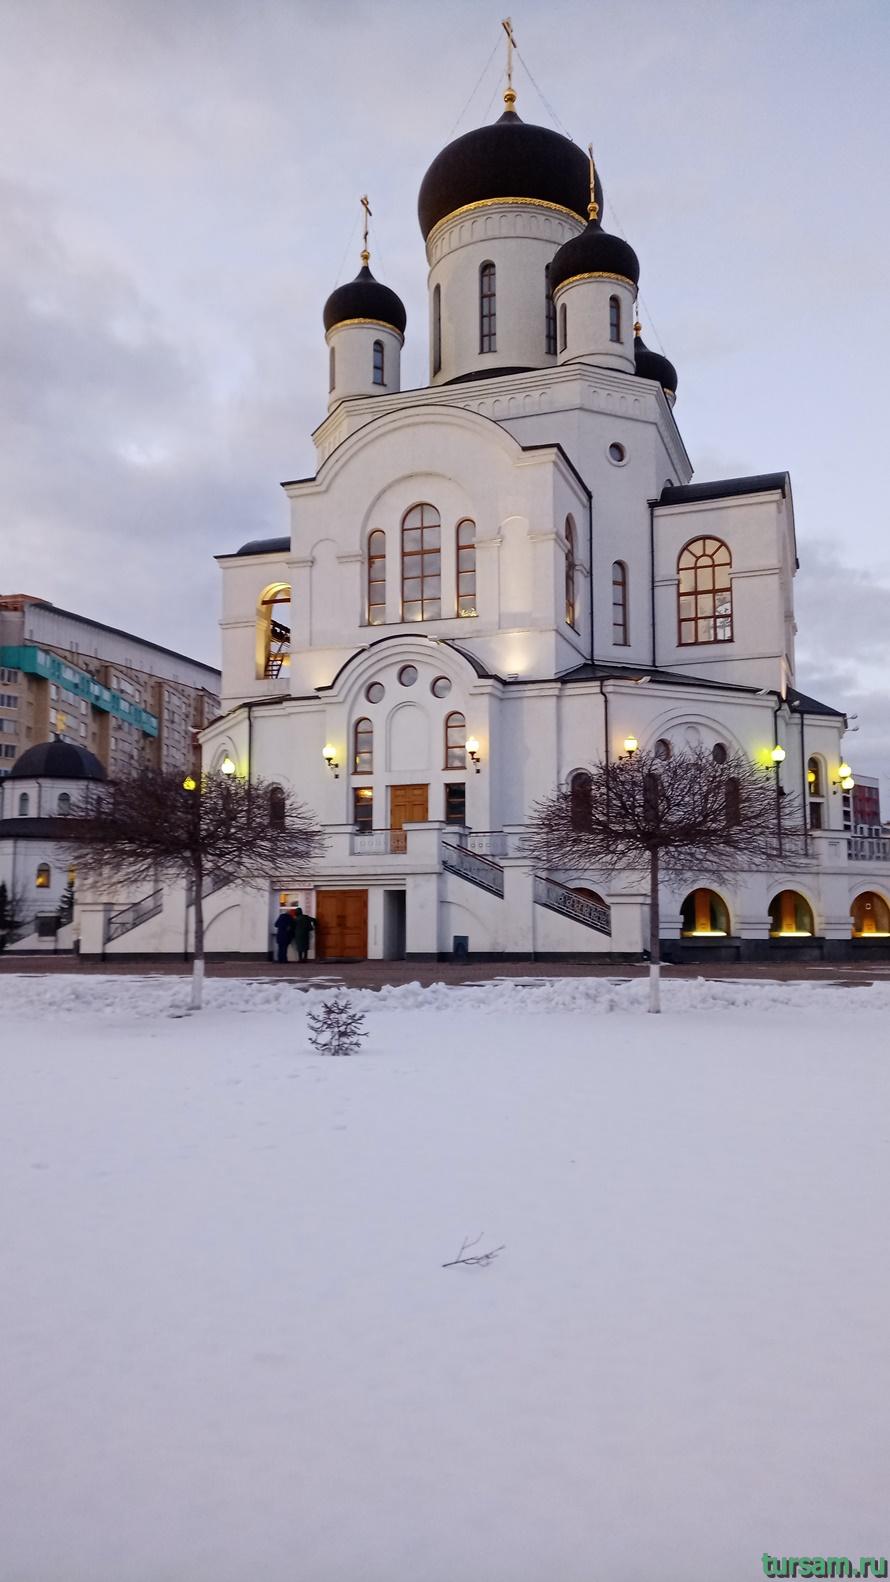 Храм Рождества Христова в Мытищах-1